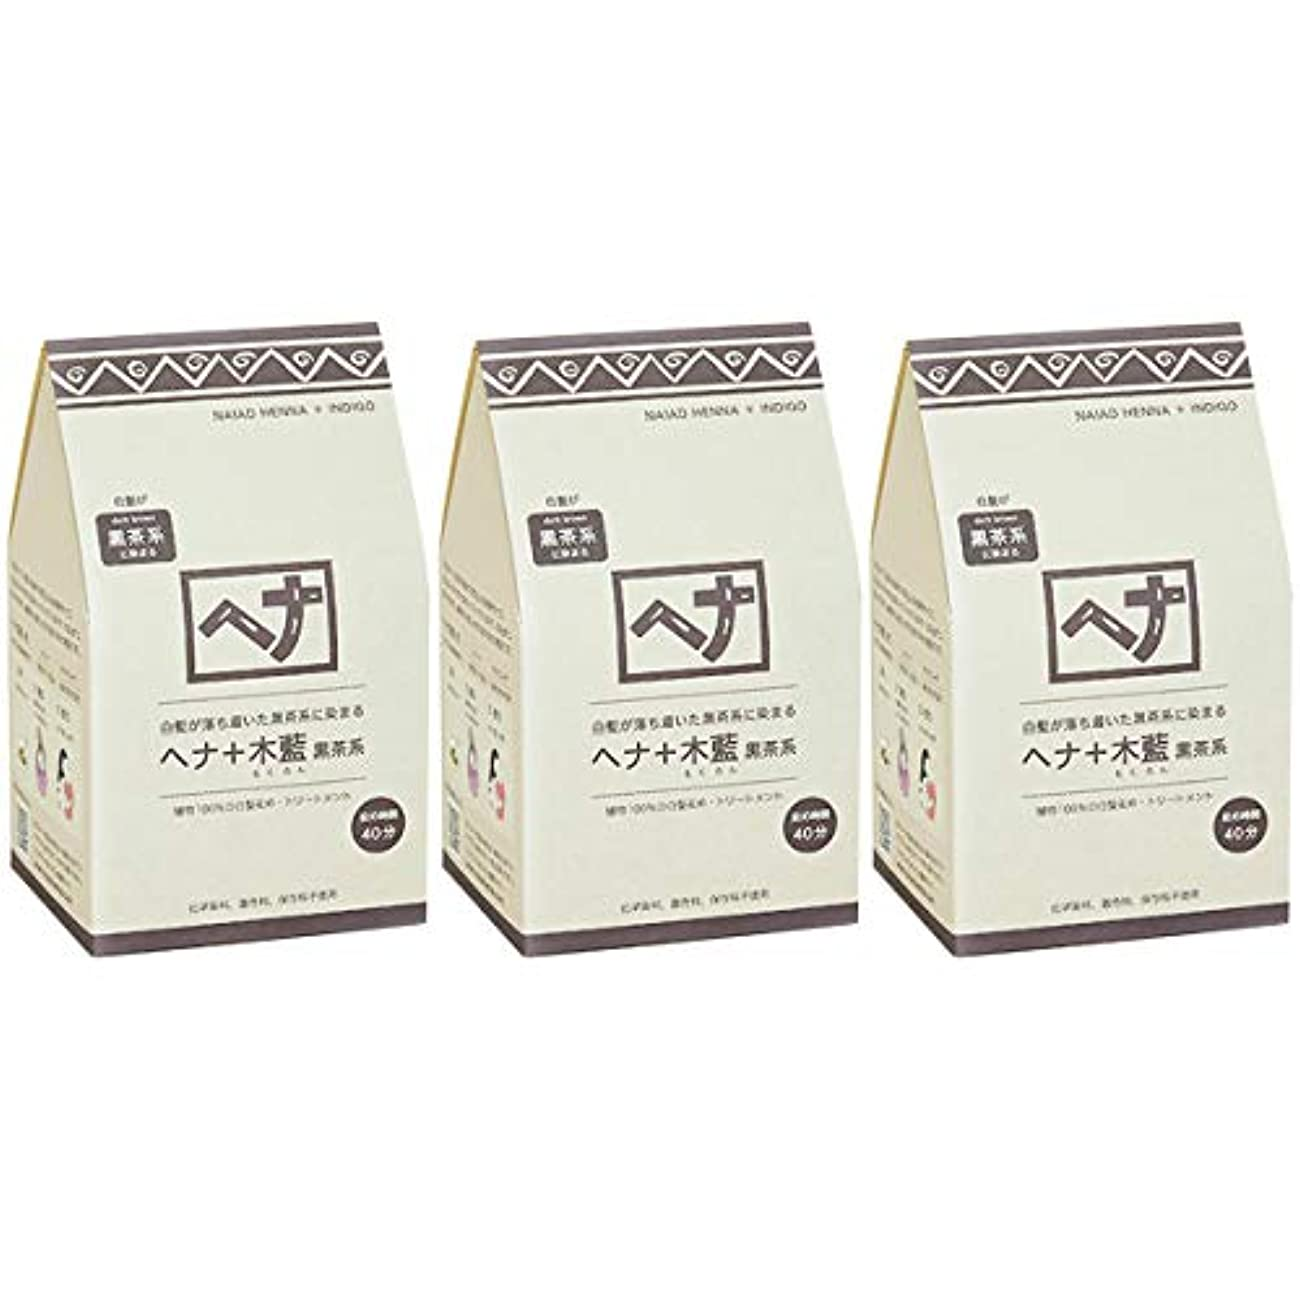 賠償委員会ファイターナイアード ヘナ + 木藍 黒茶系 白髪が落ち着いた黒茶系に染まる 400g 3個セット